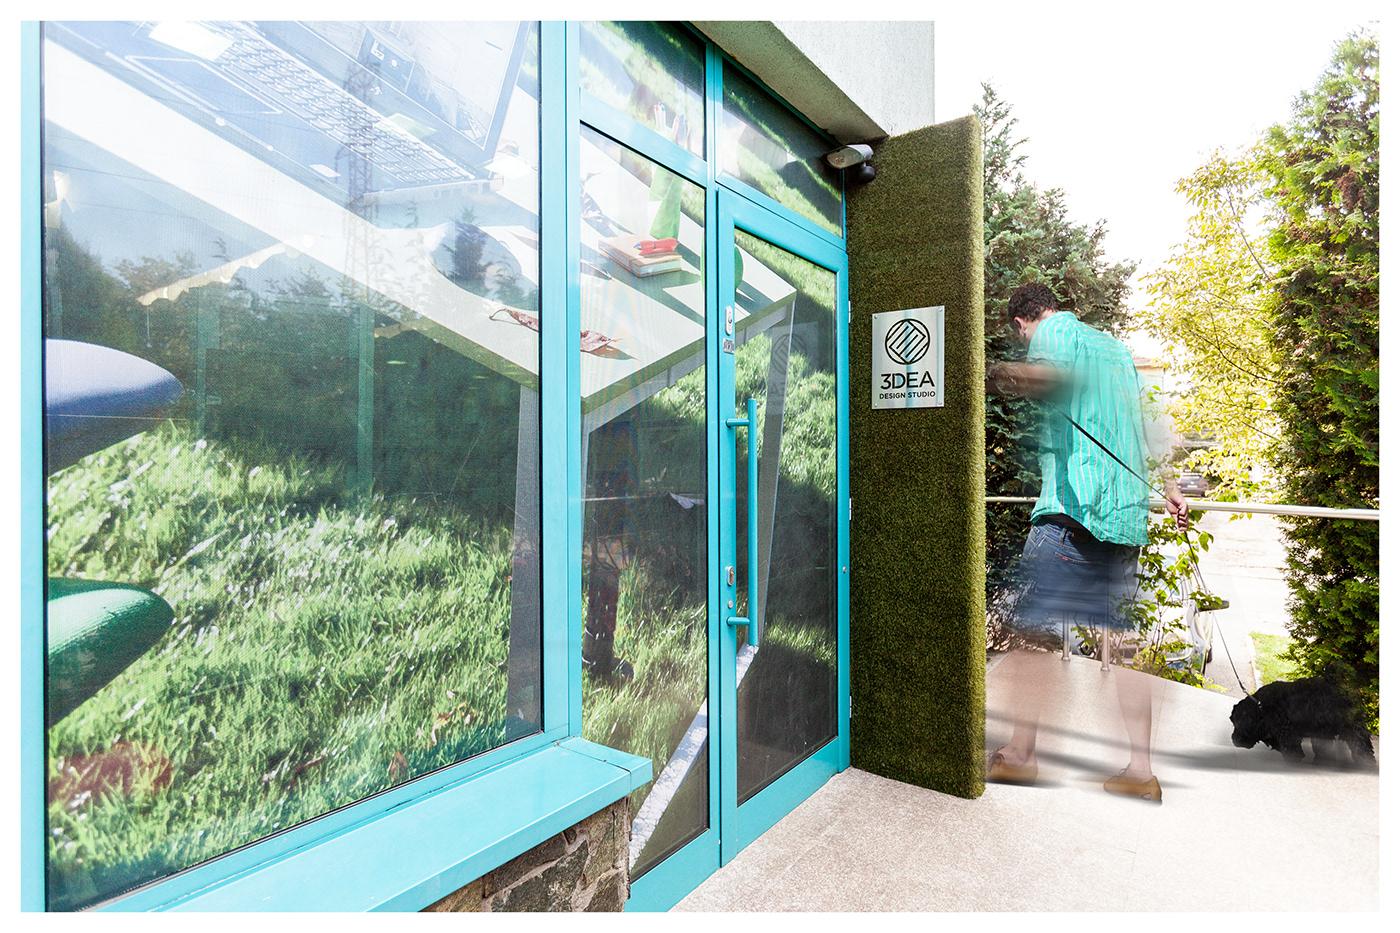 interior design  furniture design  studio showroom design Office creative